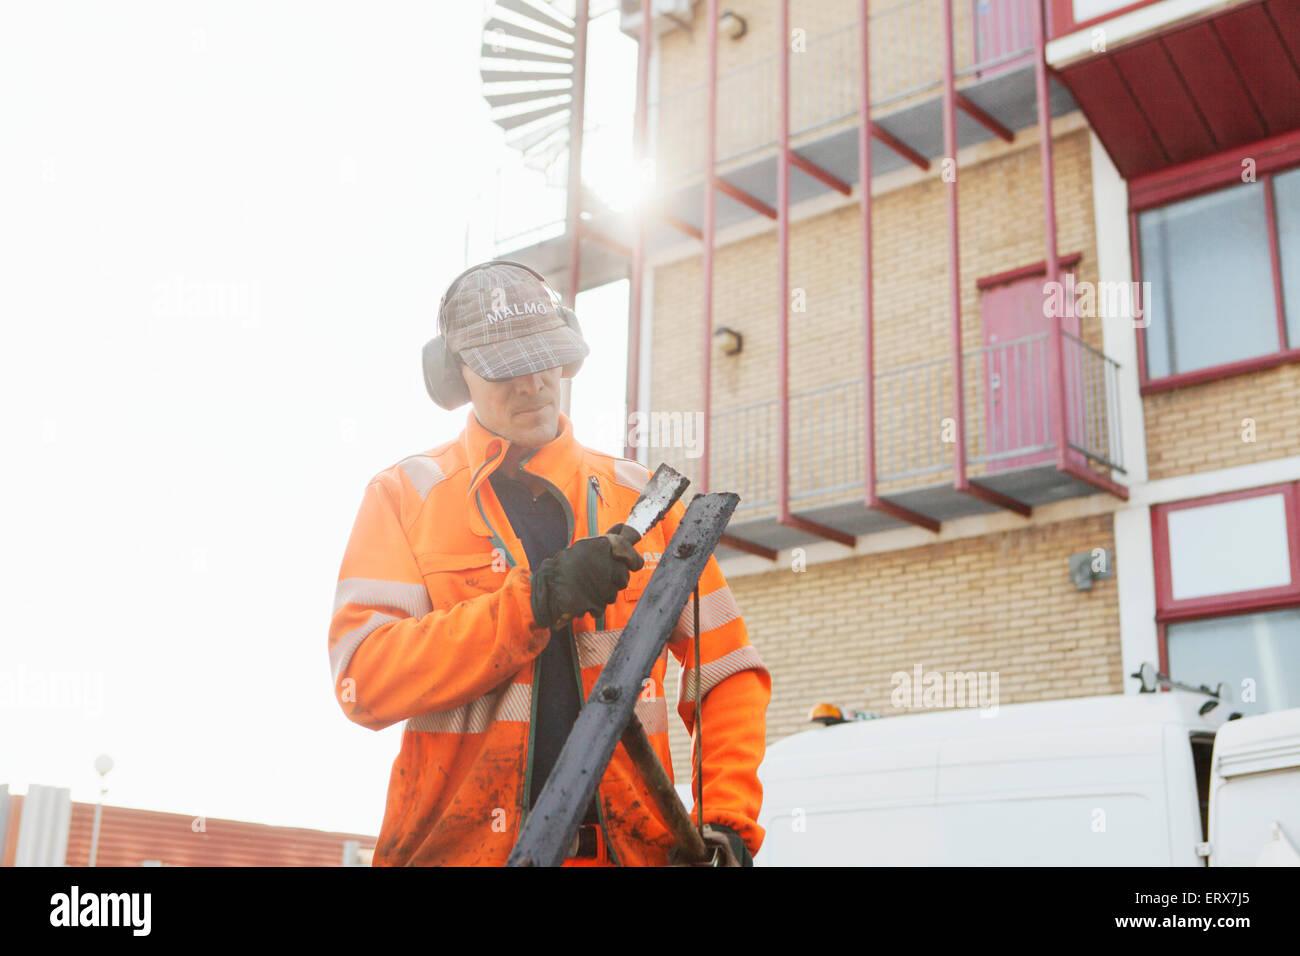 Coppia lavoratore manuale di pulizia con rake cazzuola a road sito in costruzione Immagini Stock